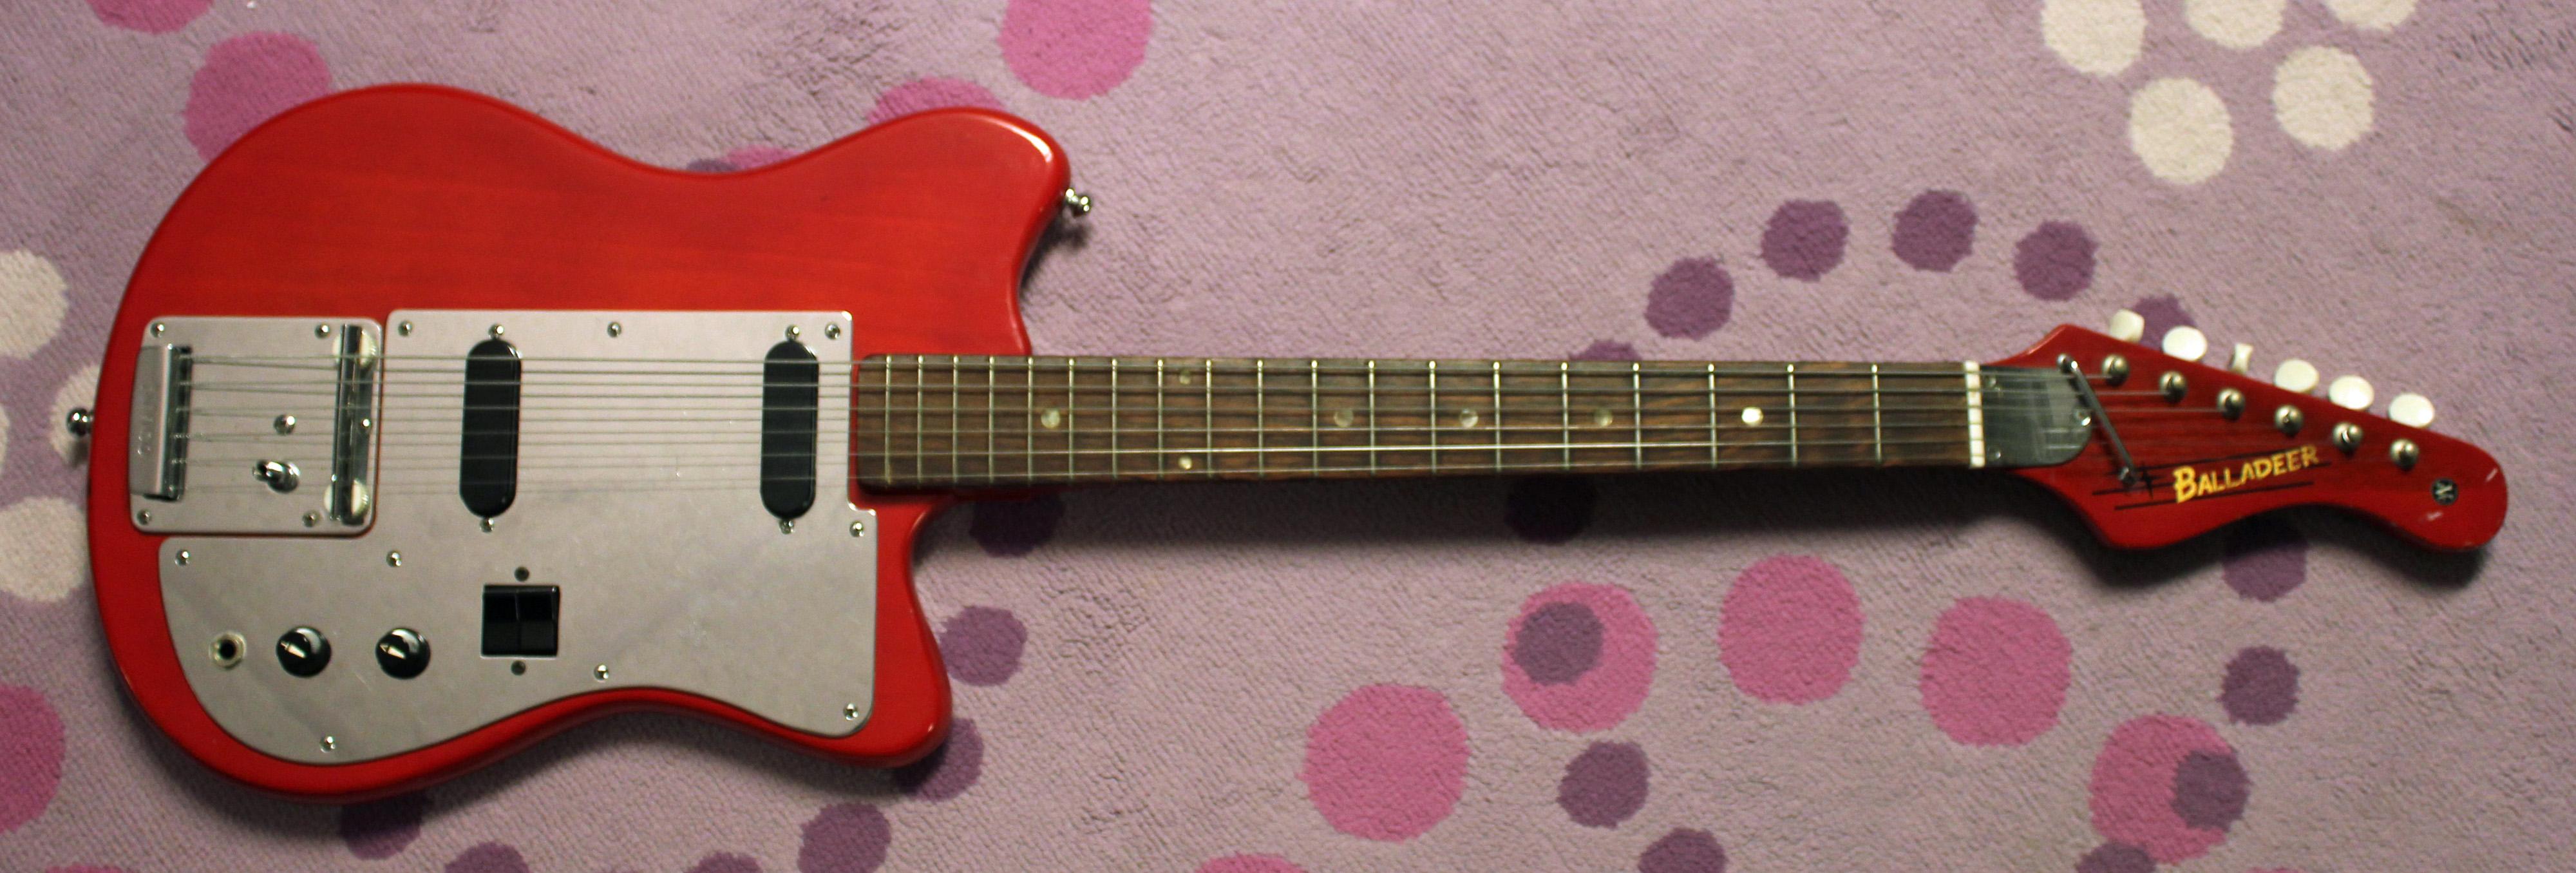 1971 Univox Hi Flier Japanese Guitar Drowning In Guitars Vantage Wiring Diagram Here